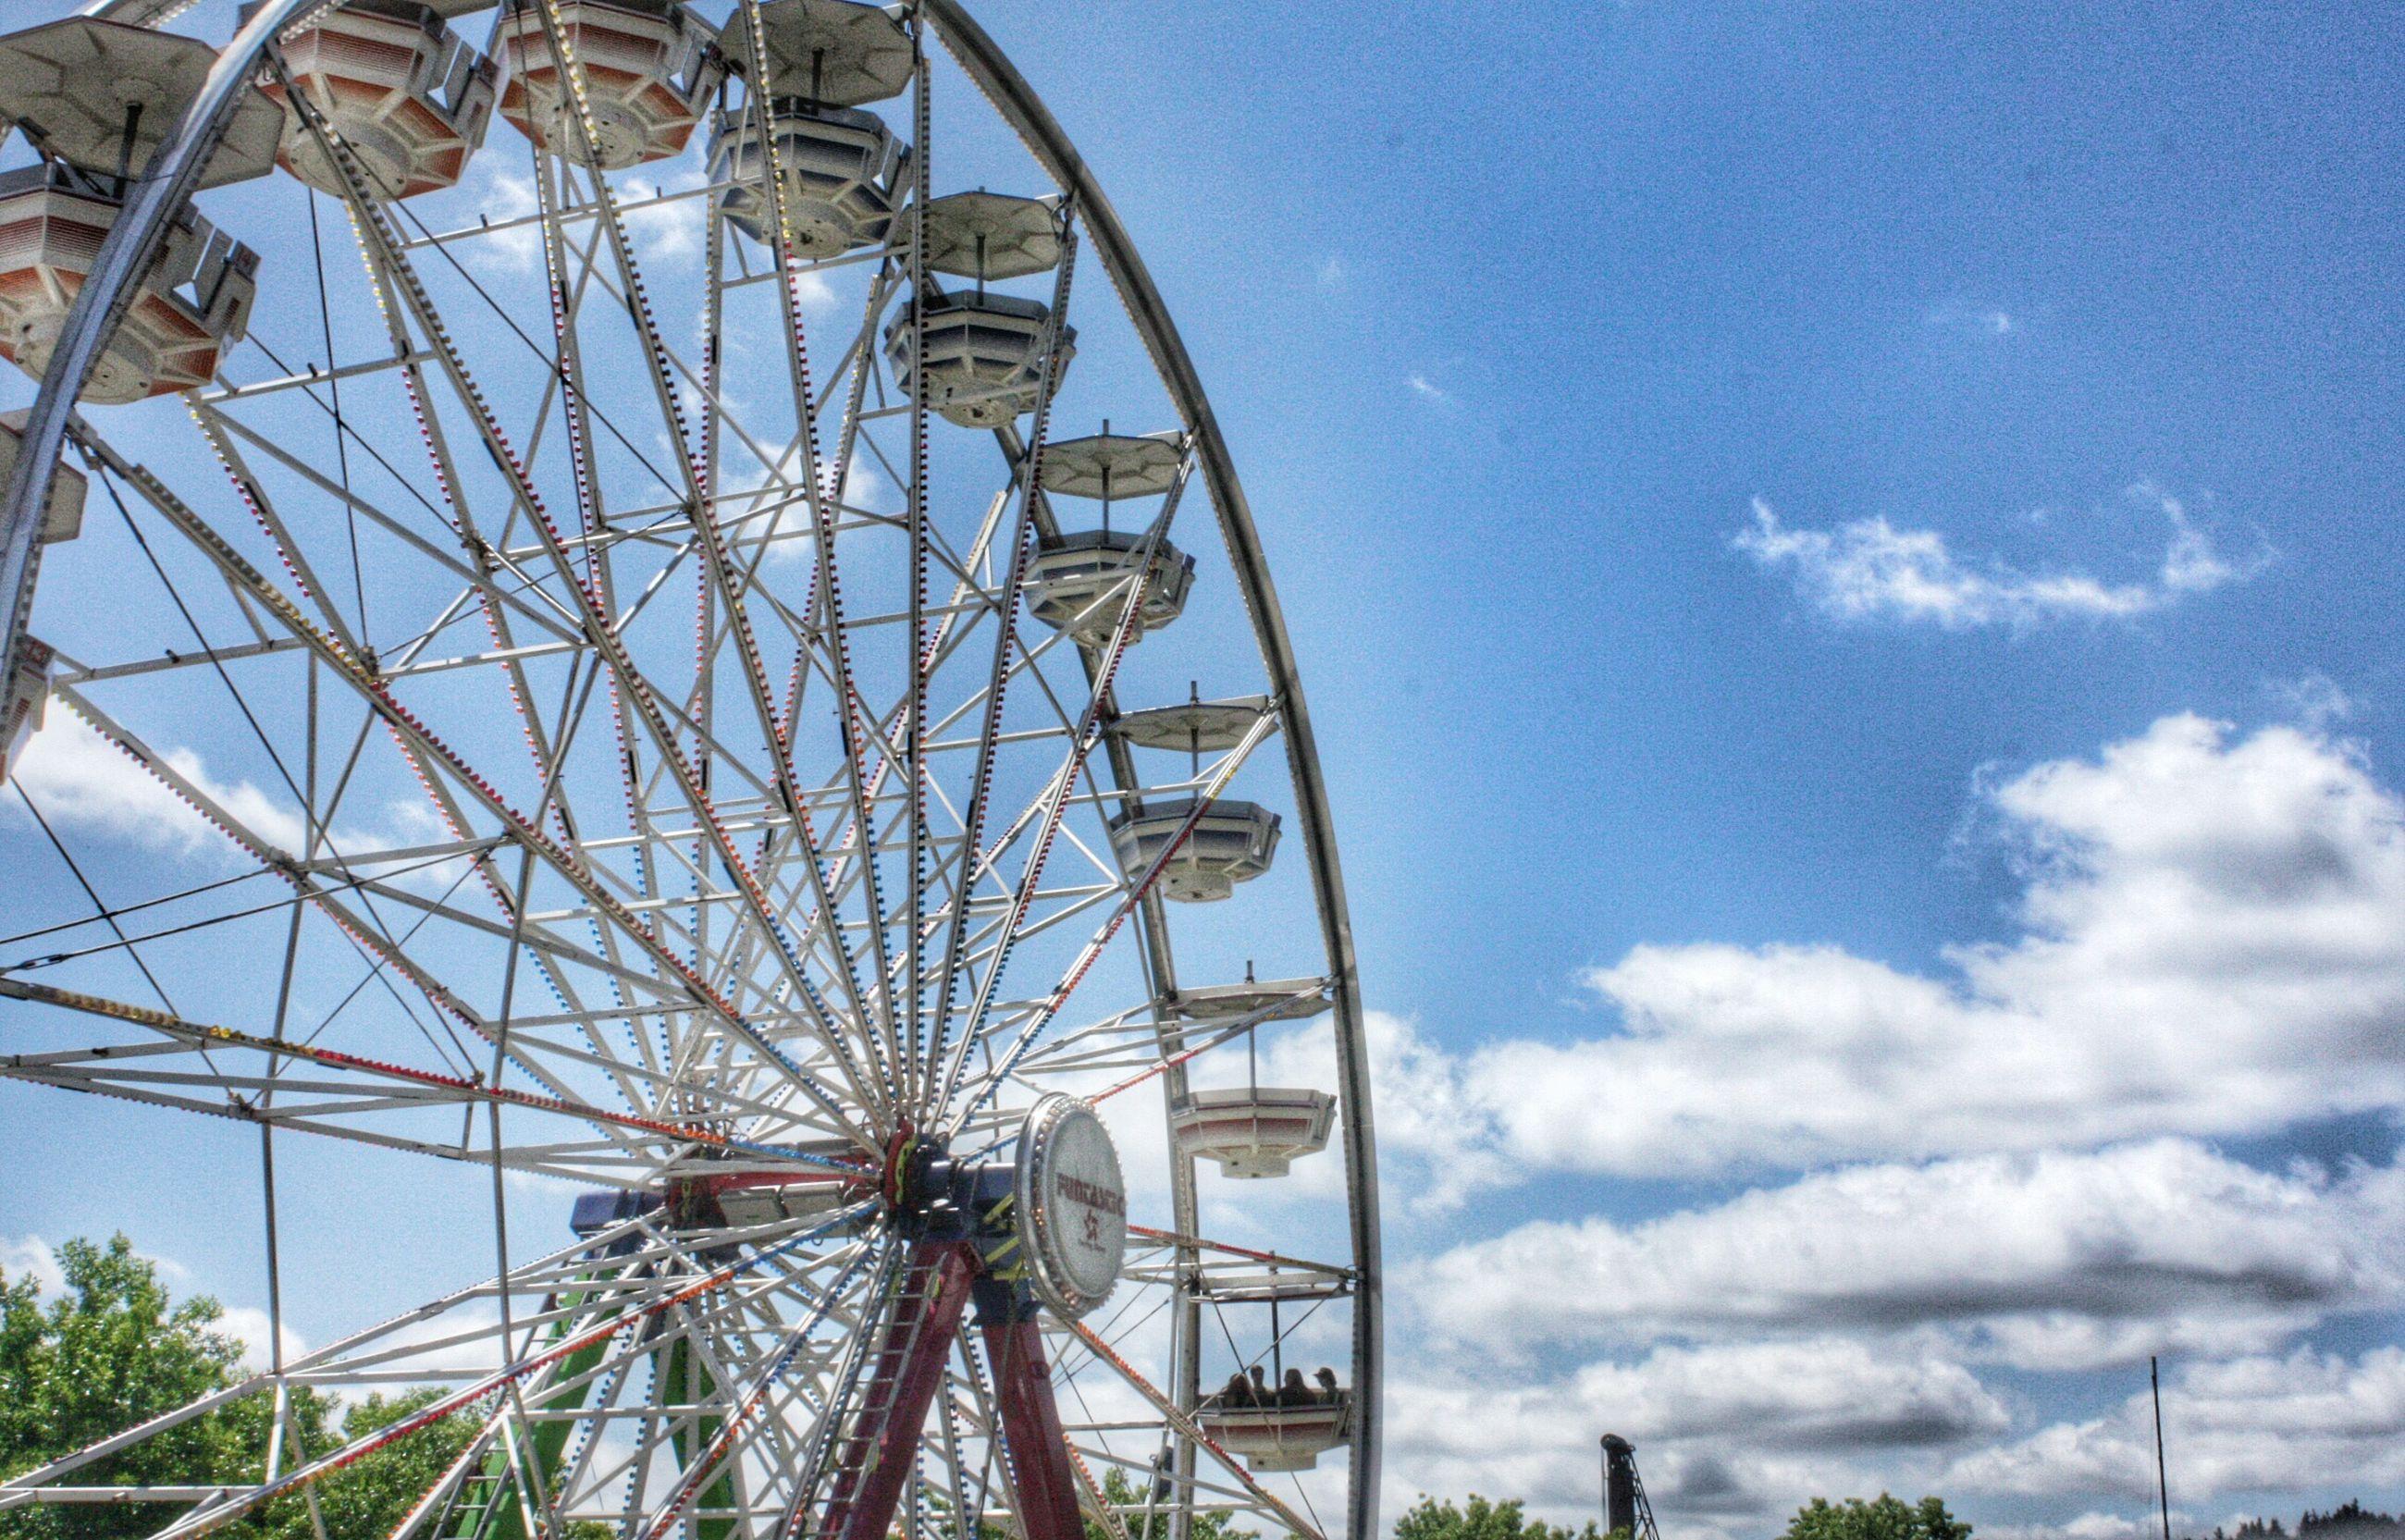 amusement park, ferris wheel, amusement park ride, low angle view, arts culture and entertainment, sky, cloud - sky, blue, built structure, large, cloud, big wheel, fairground ride, metal, fun, day, fairground, outdoors, cloudy, architecture